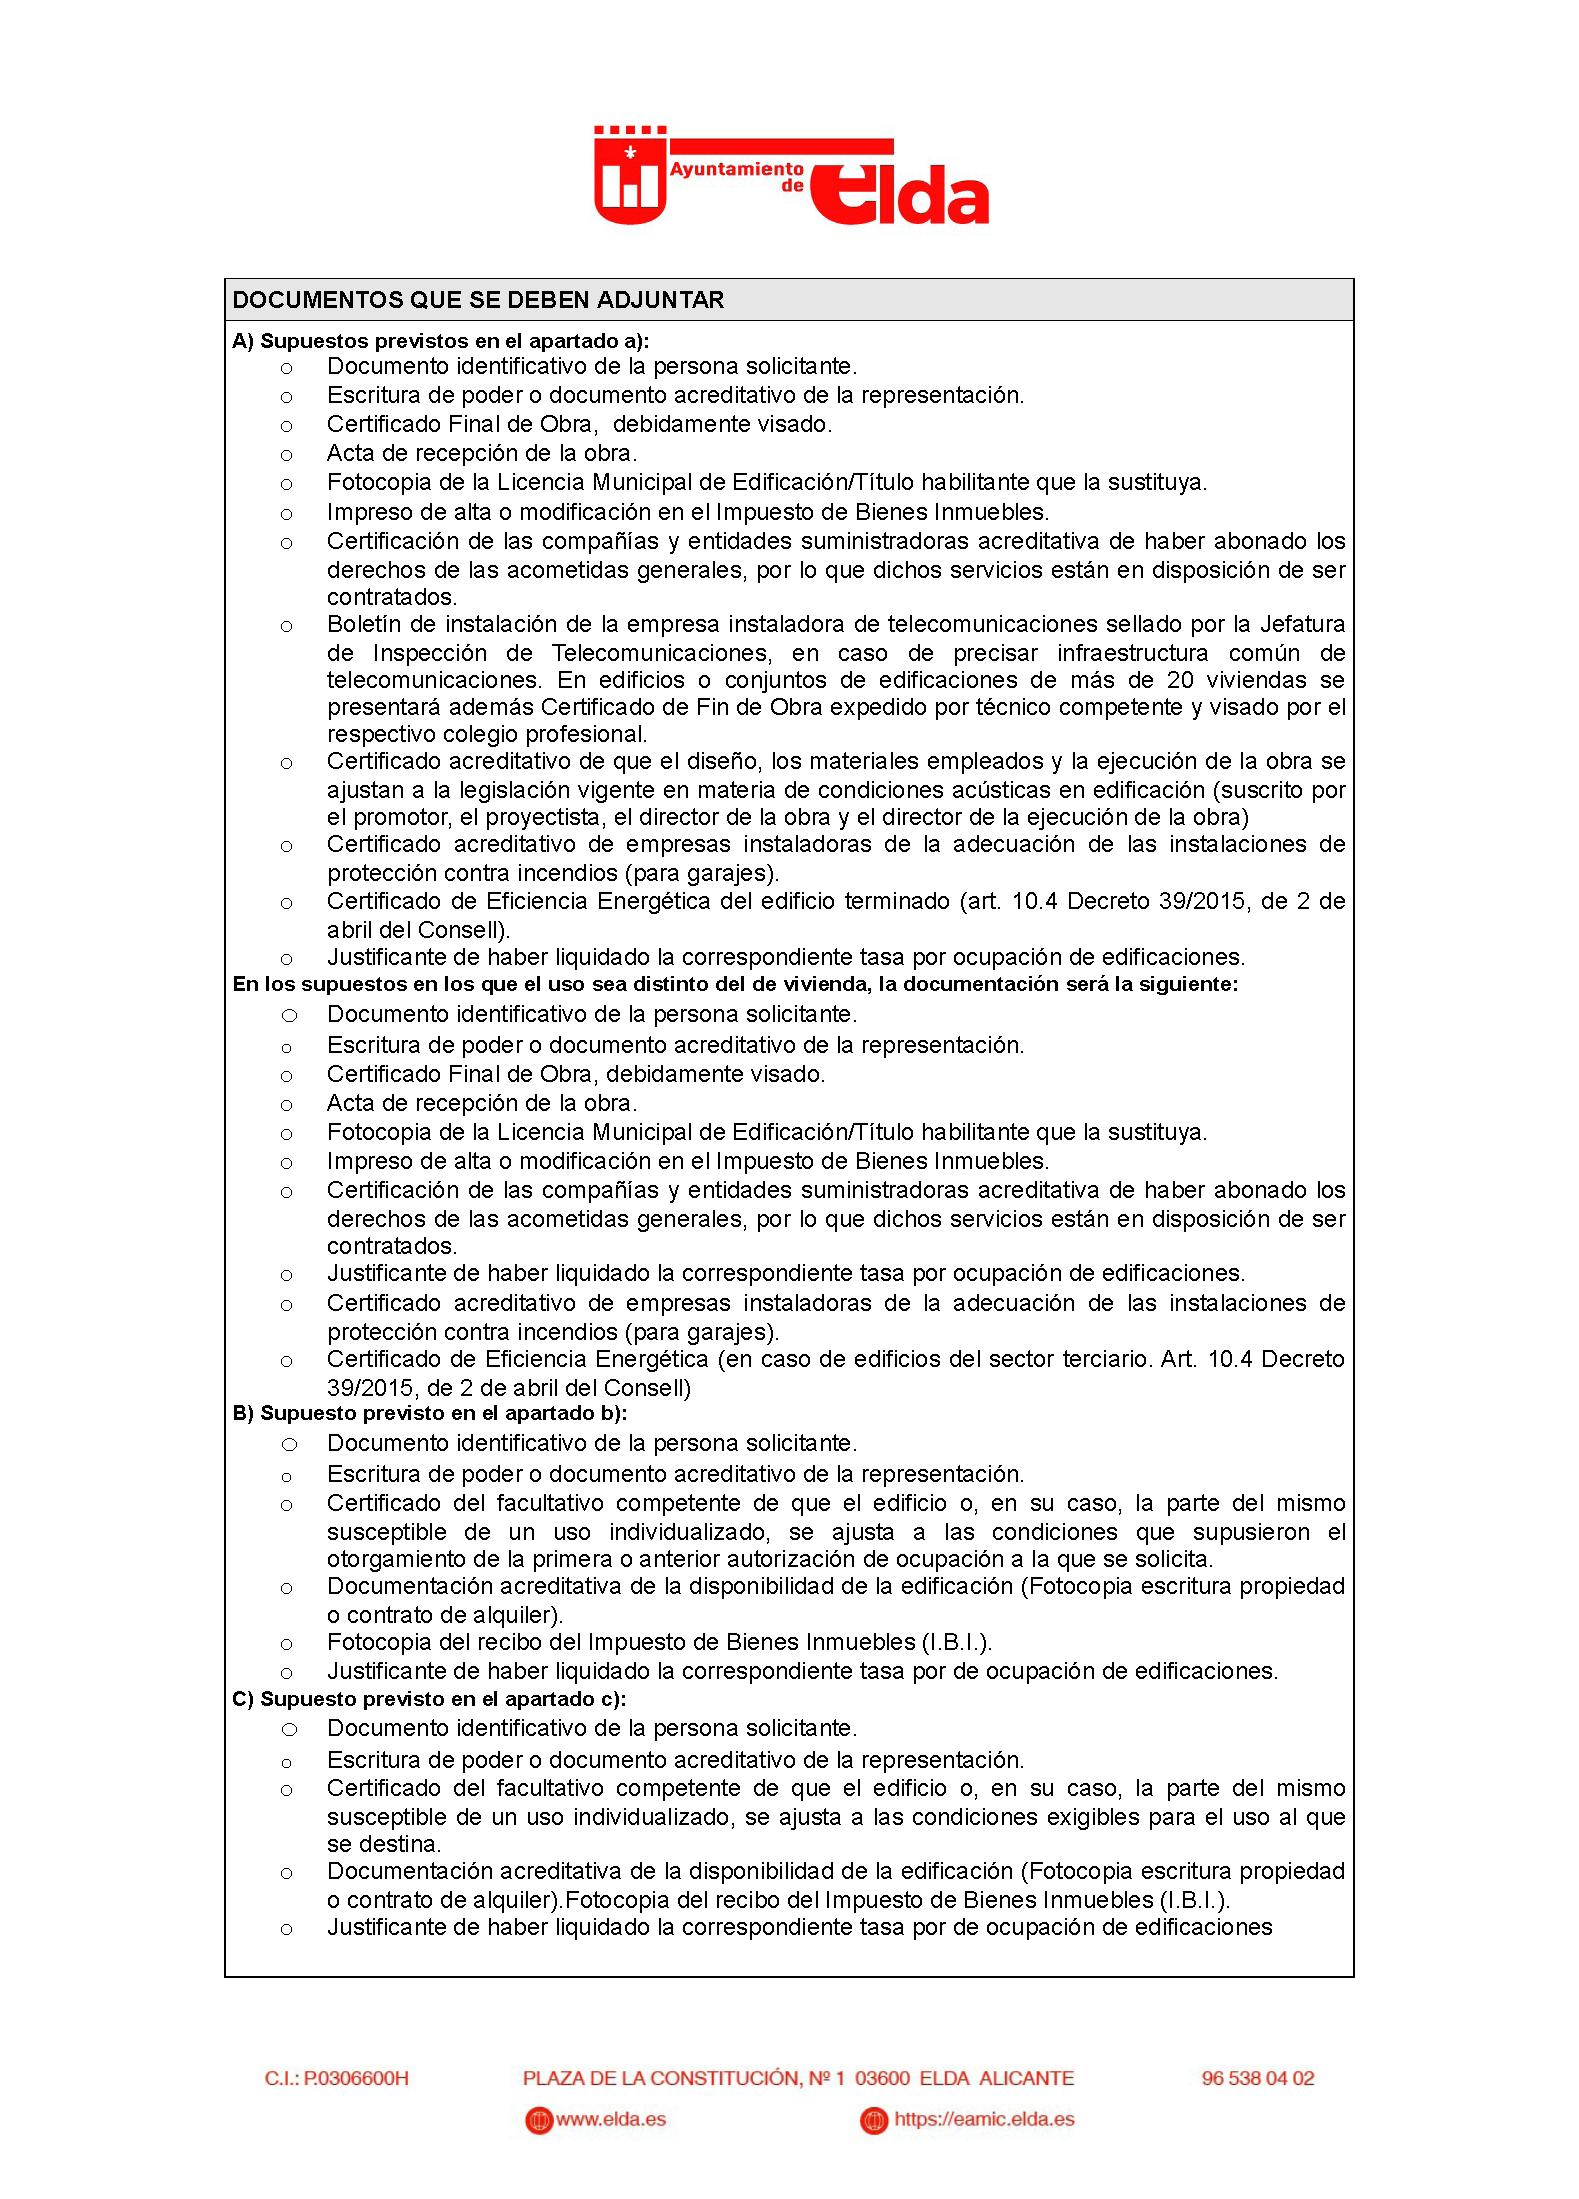 Impreso Declaración Responsable Segunda Ocupación Elda